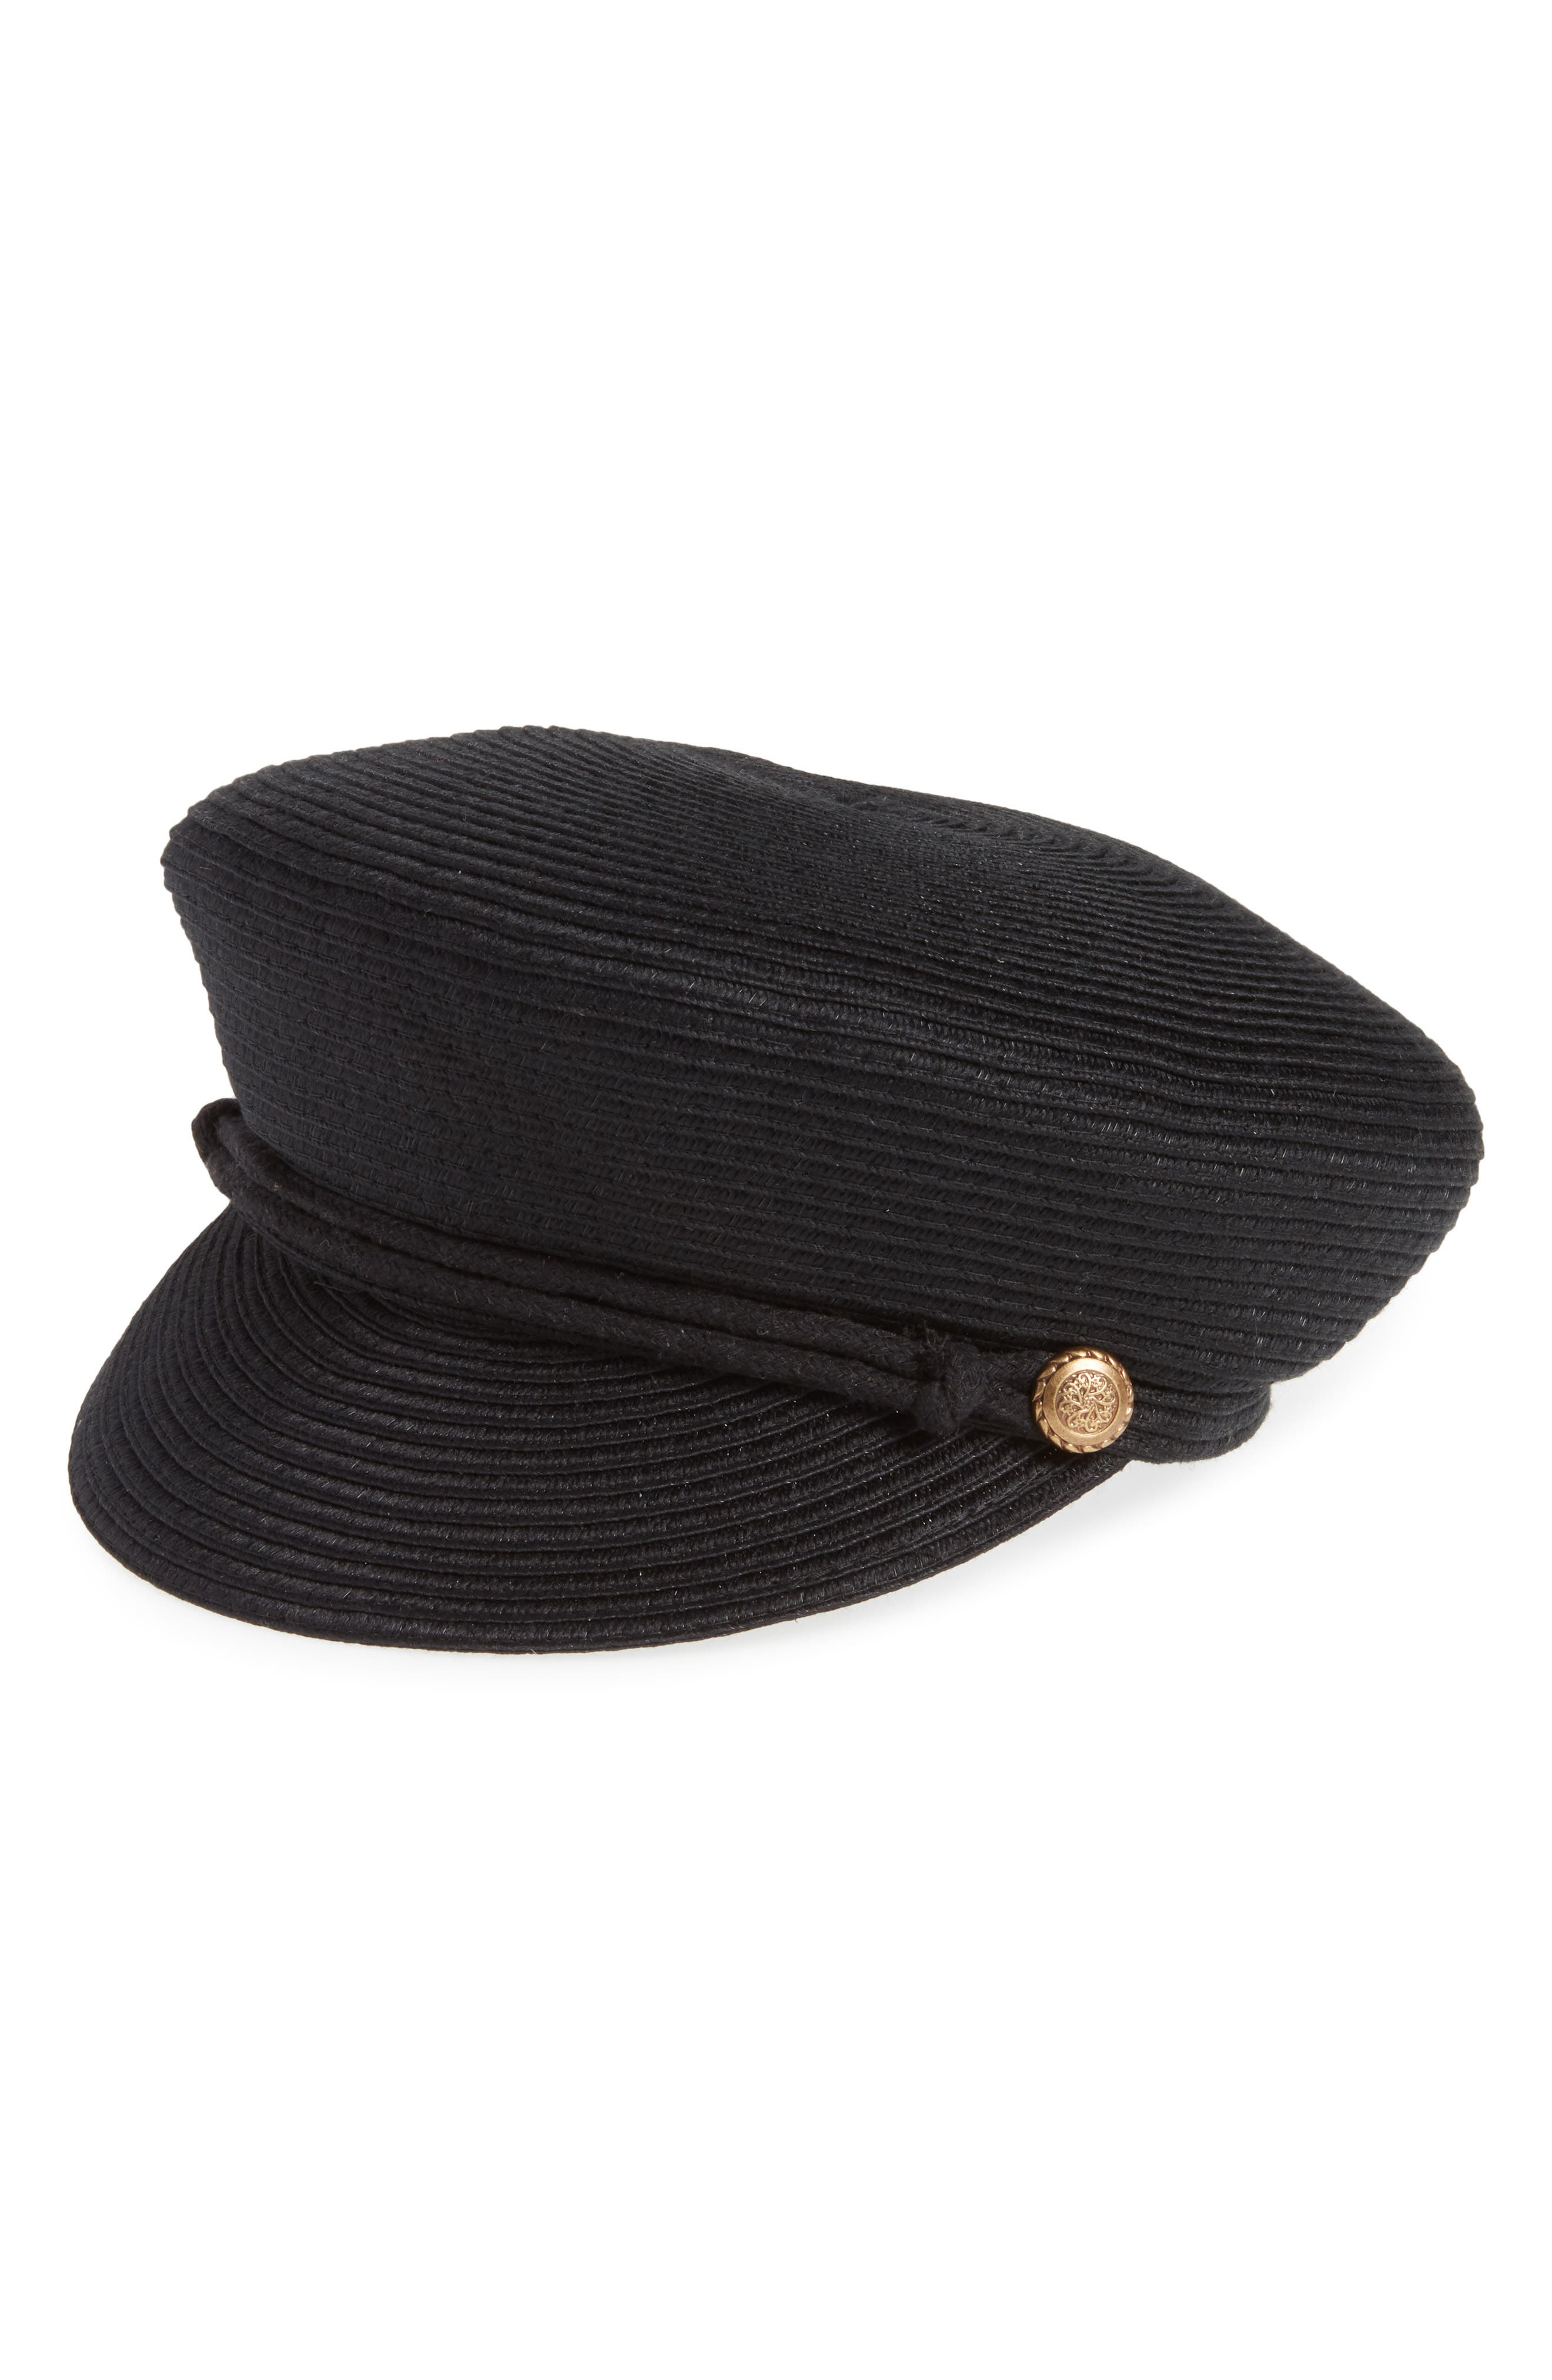 Kitsch Woven Baker Boy Hat